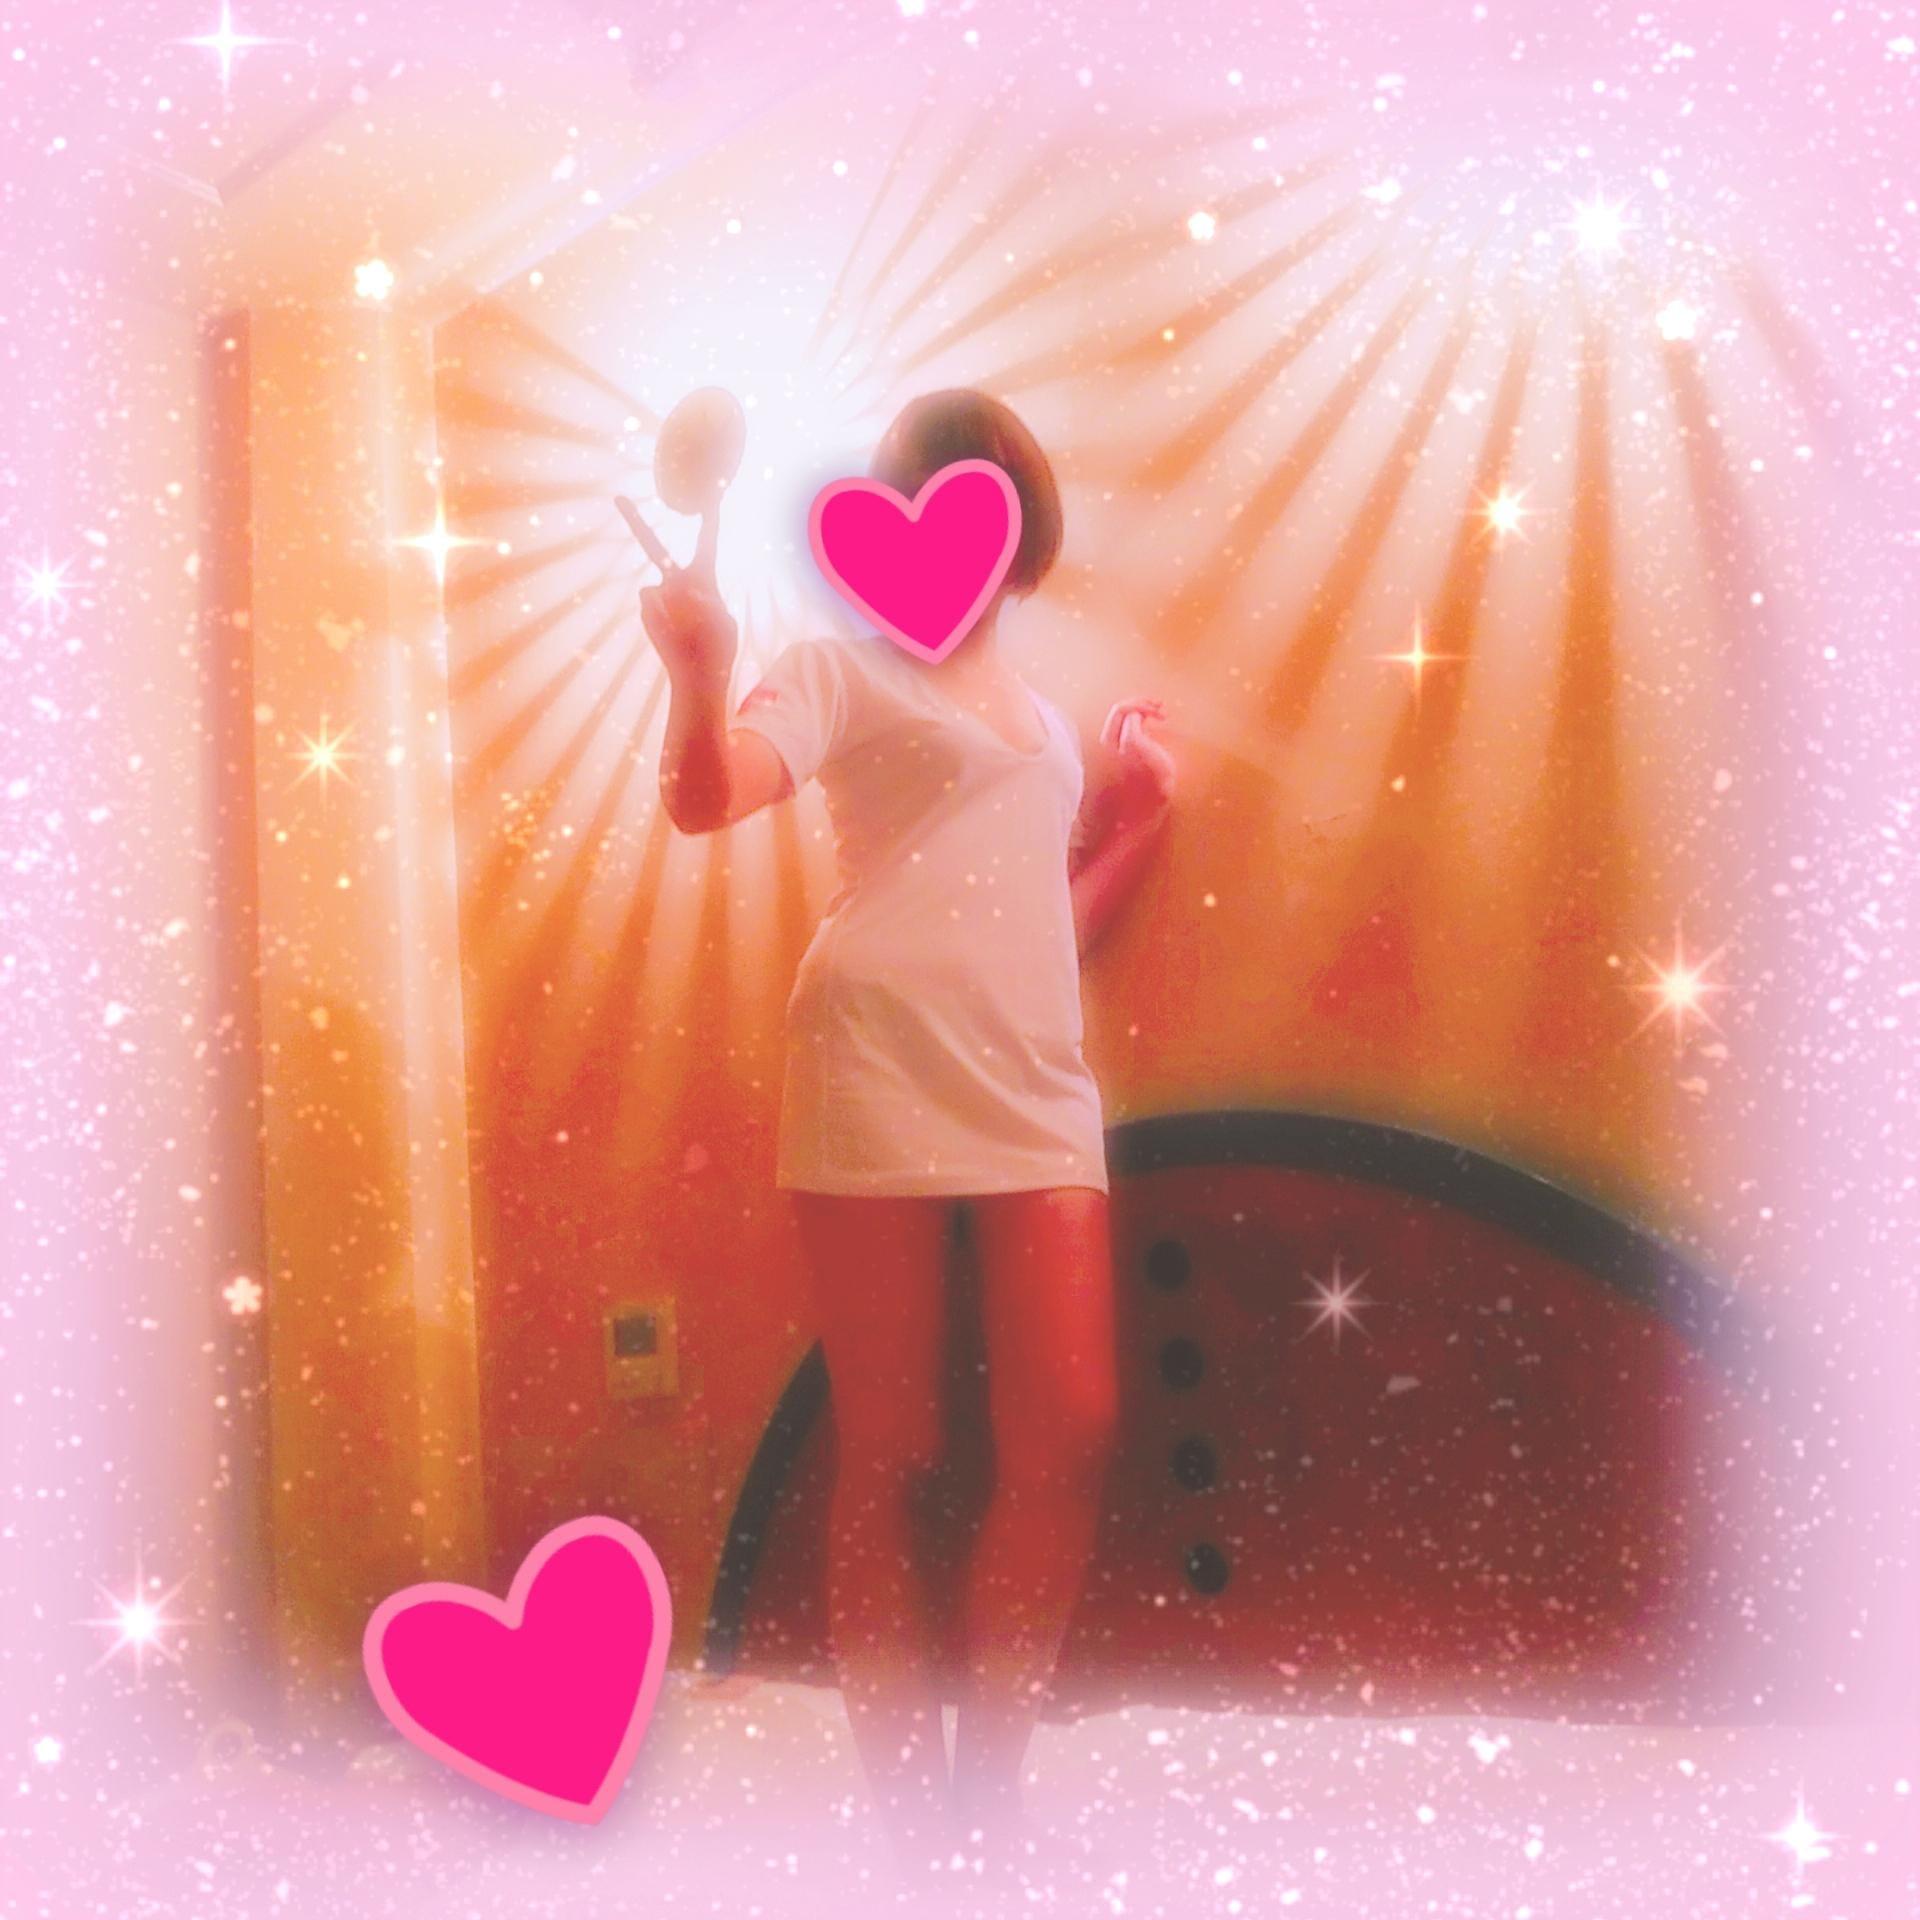 「みらいです♡」10/12(10/12) 08:53 | 愛内 みらいの写メ・風俗動画